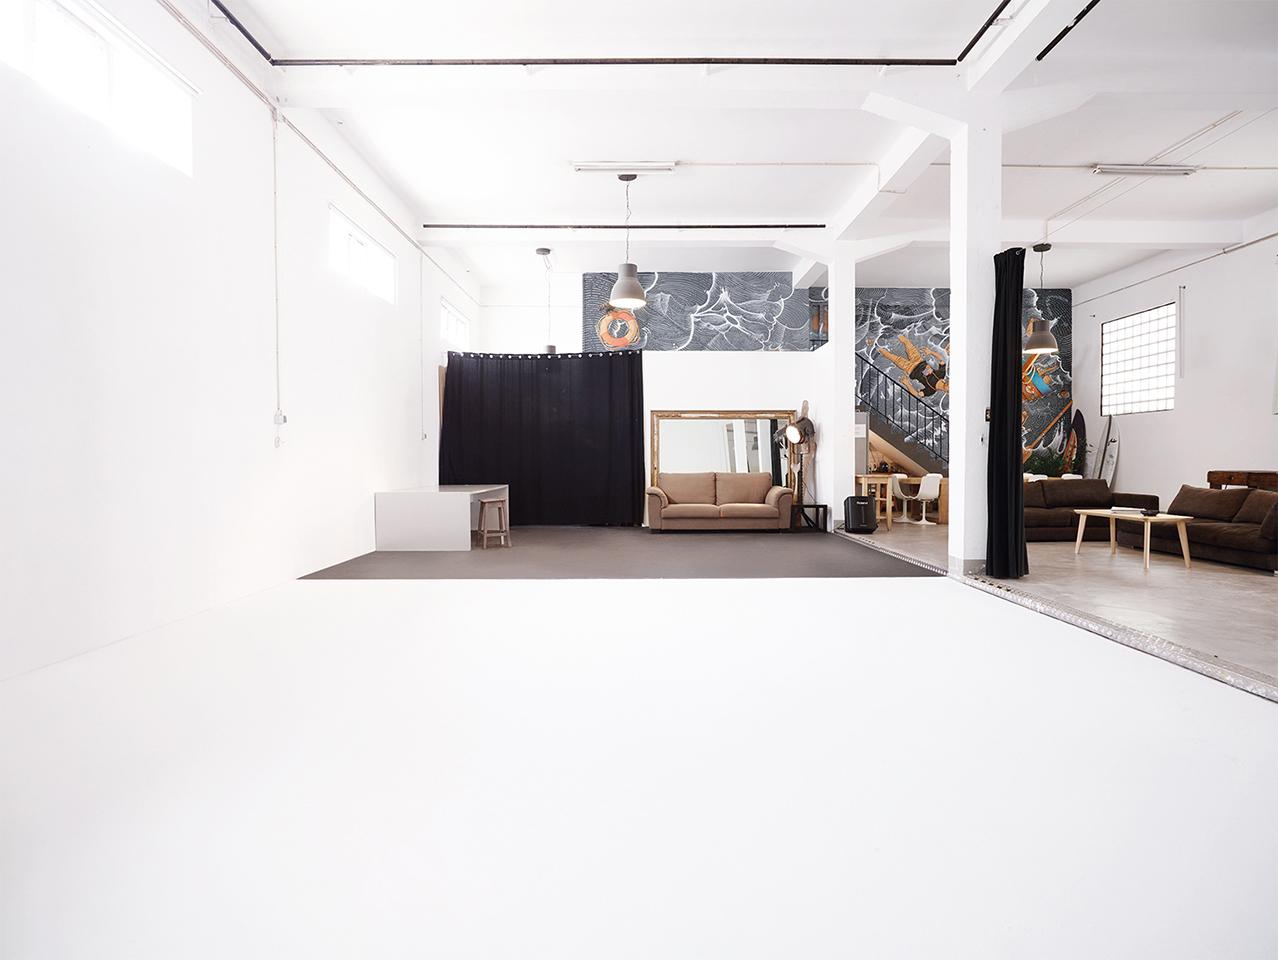 Studio_2019_Piso0_01